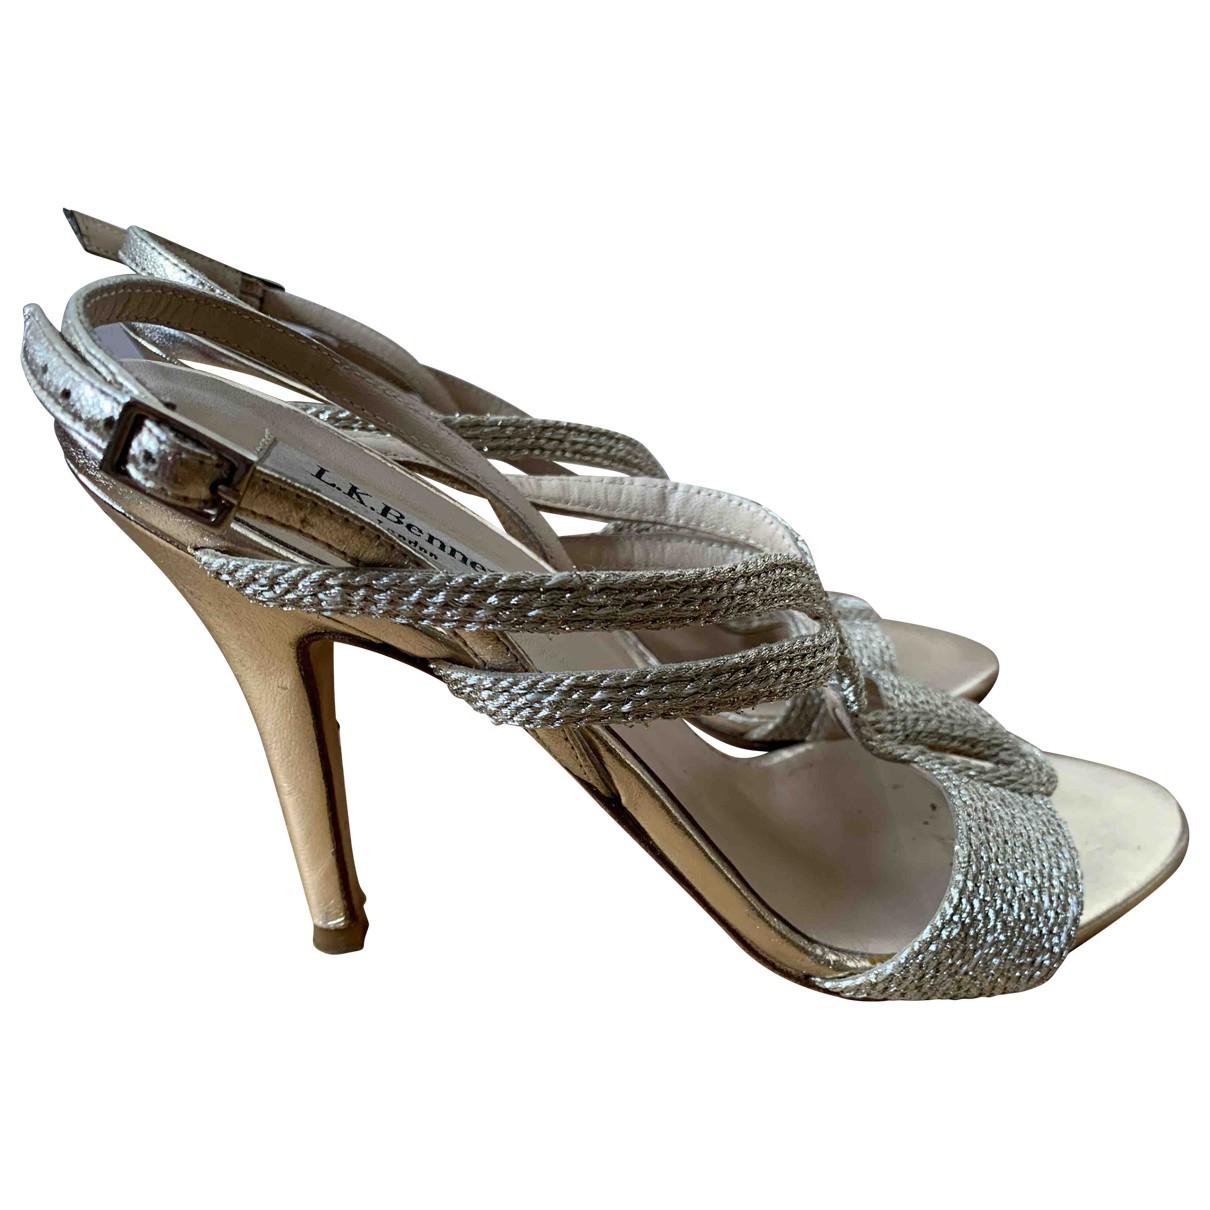 Lk Bennett \N Silver Leather Heels for Women 39 EU